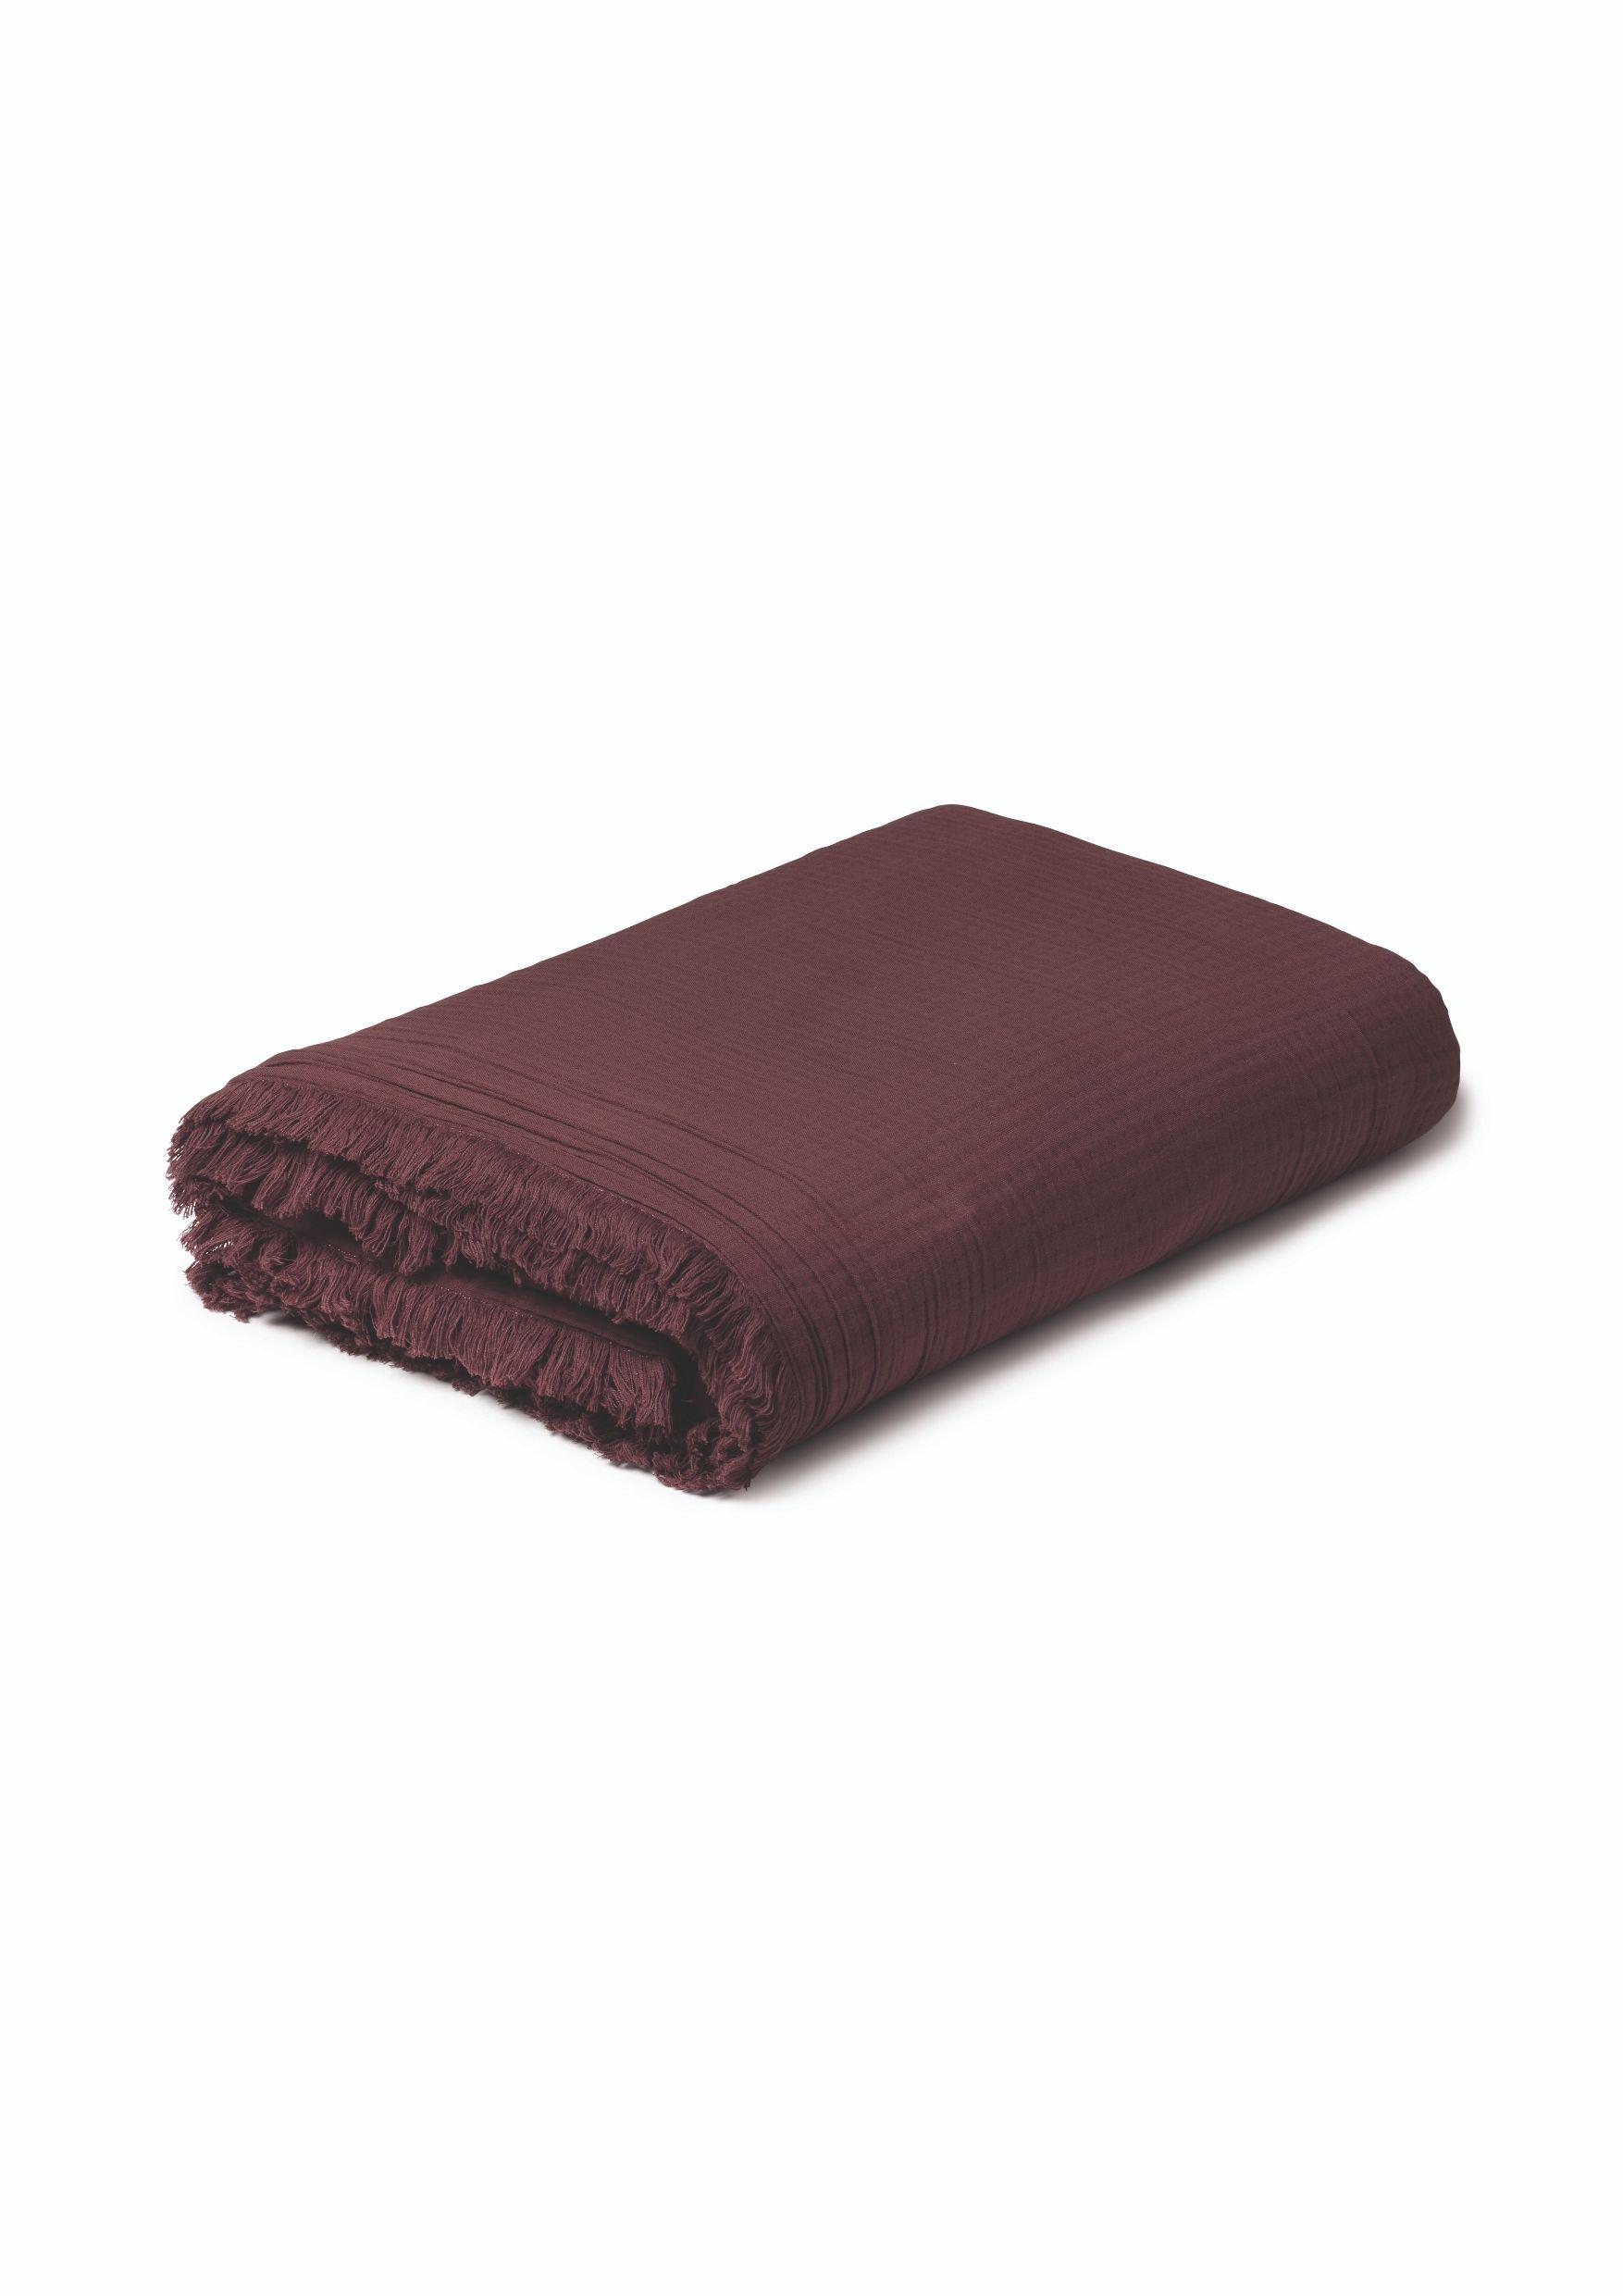 Juna View sengetæppe, 190x260 cm, chokolade